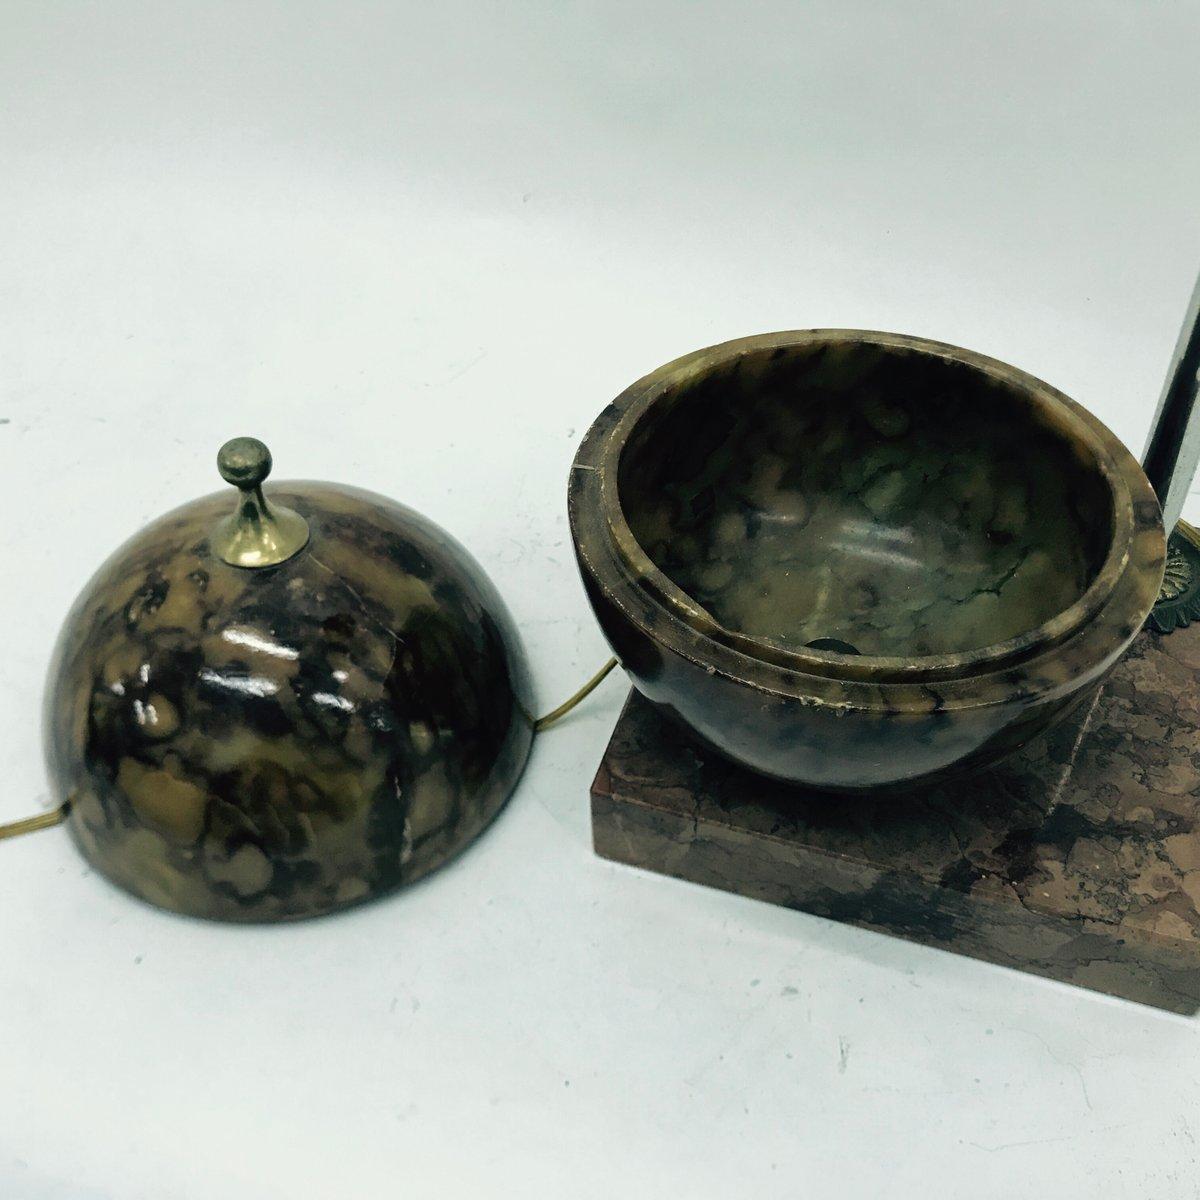 lampe de bureau globe art d co france 1930s en vente sur pamono. Black Bedroom Furniture Sets. Home Design Ideas